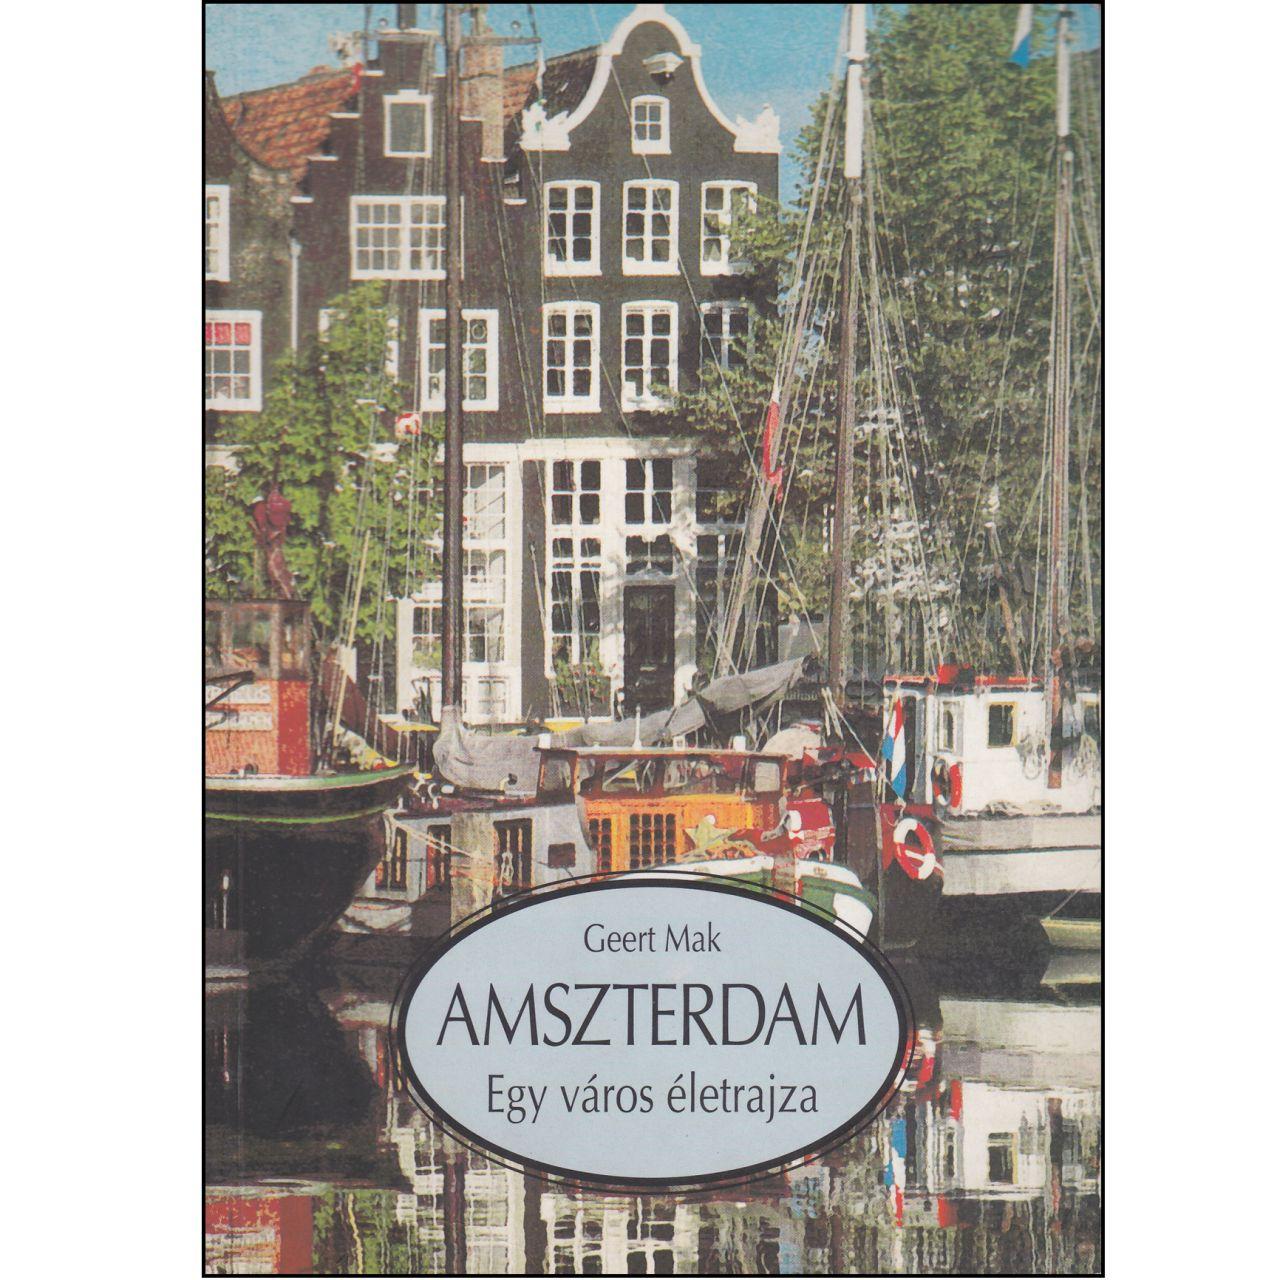 Geert Mak: Amszterdam - Egy város életrajza (könyv)